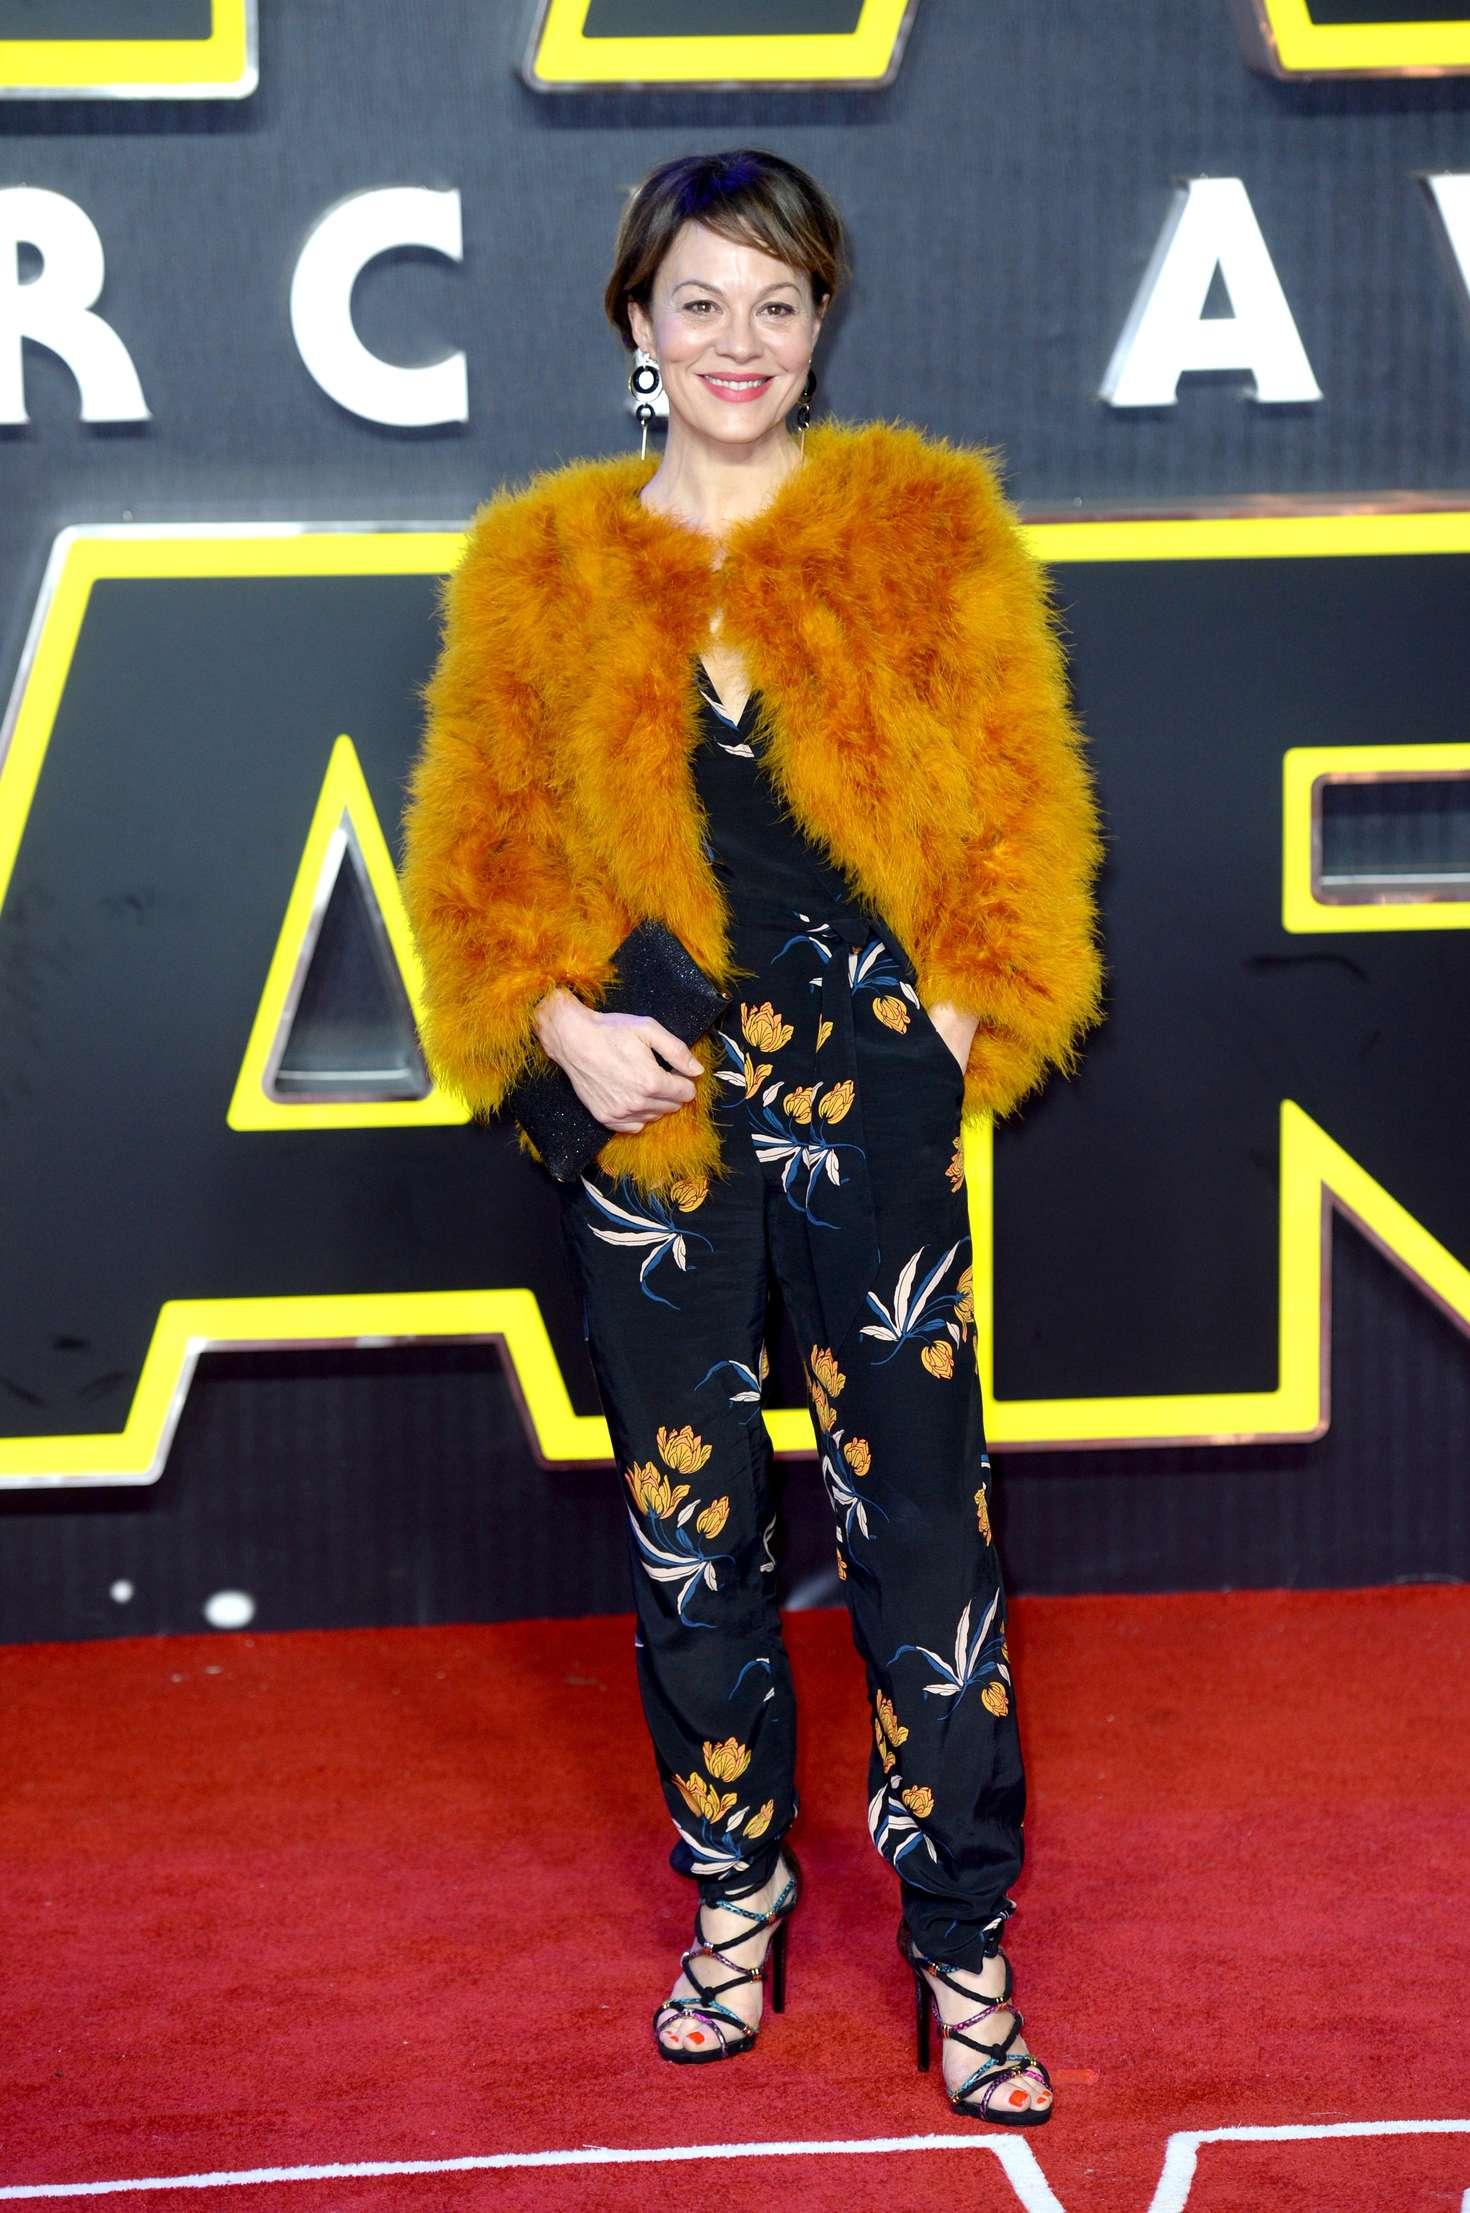 Helen McCrory Star Wars The Force Awakens Premiere in London